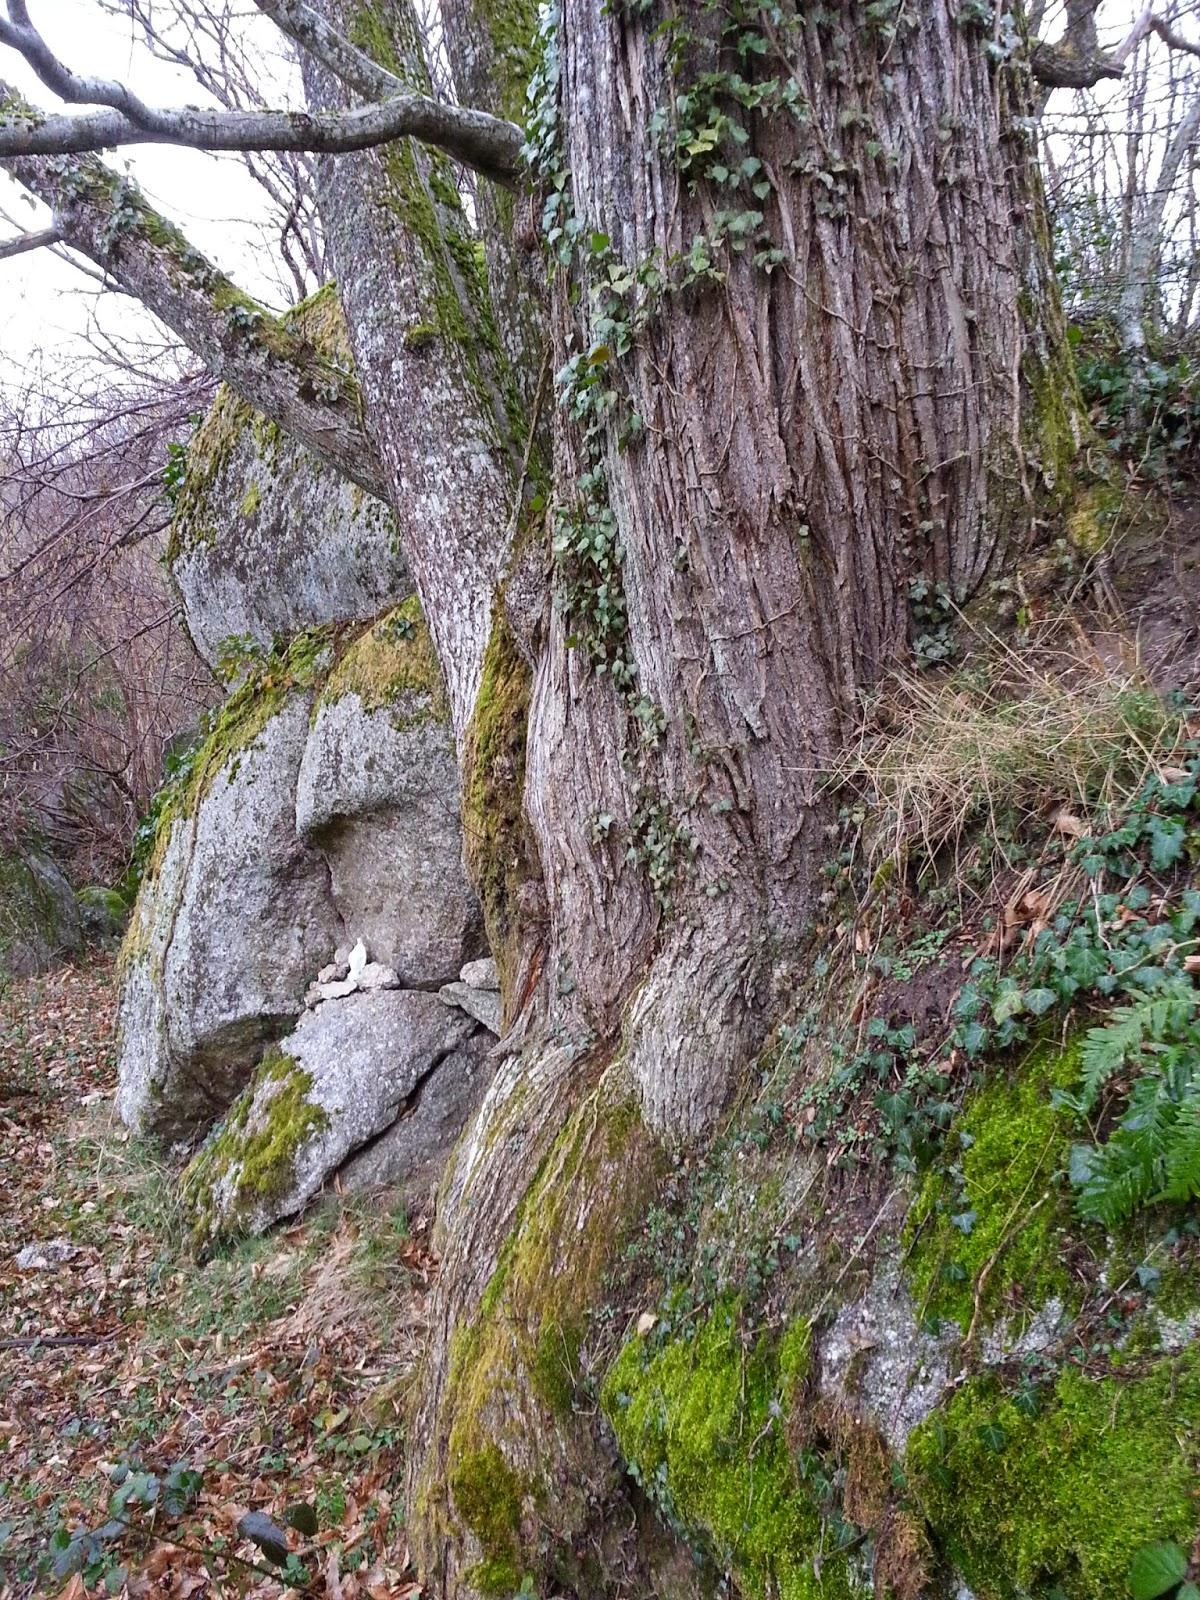 Permafor u00eat Le biotope du Ch u00e2taignier et de la foug u00e8re aigle  # Châtaignier Bois De Chauffage